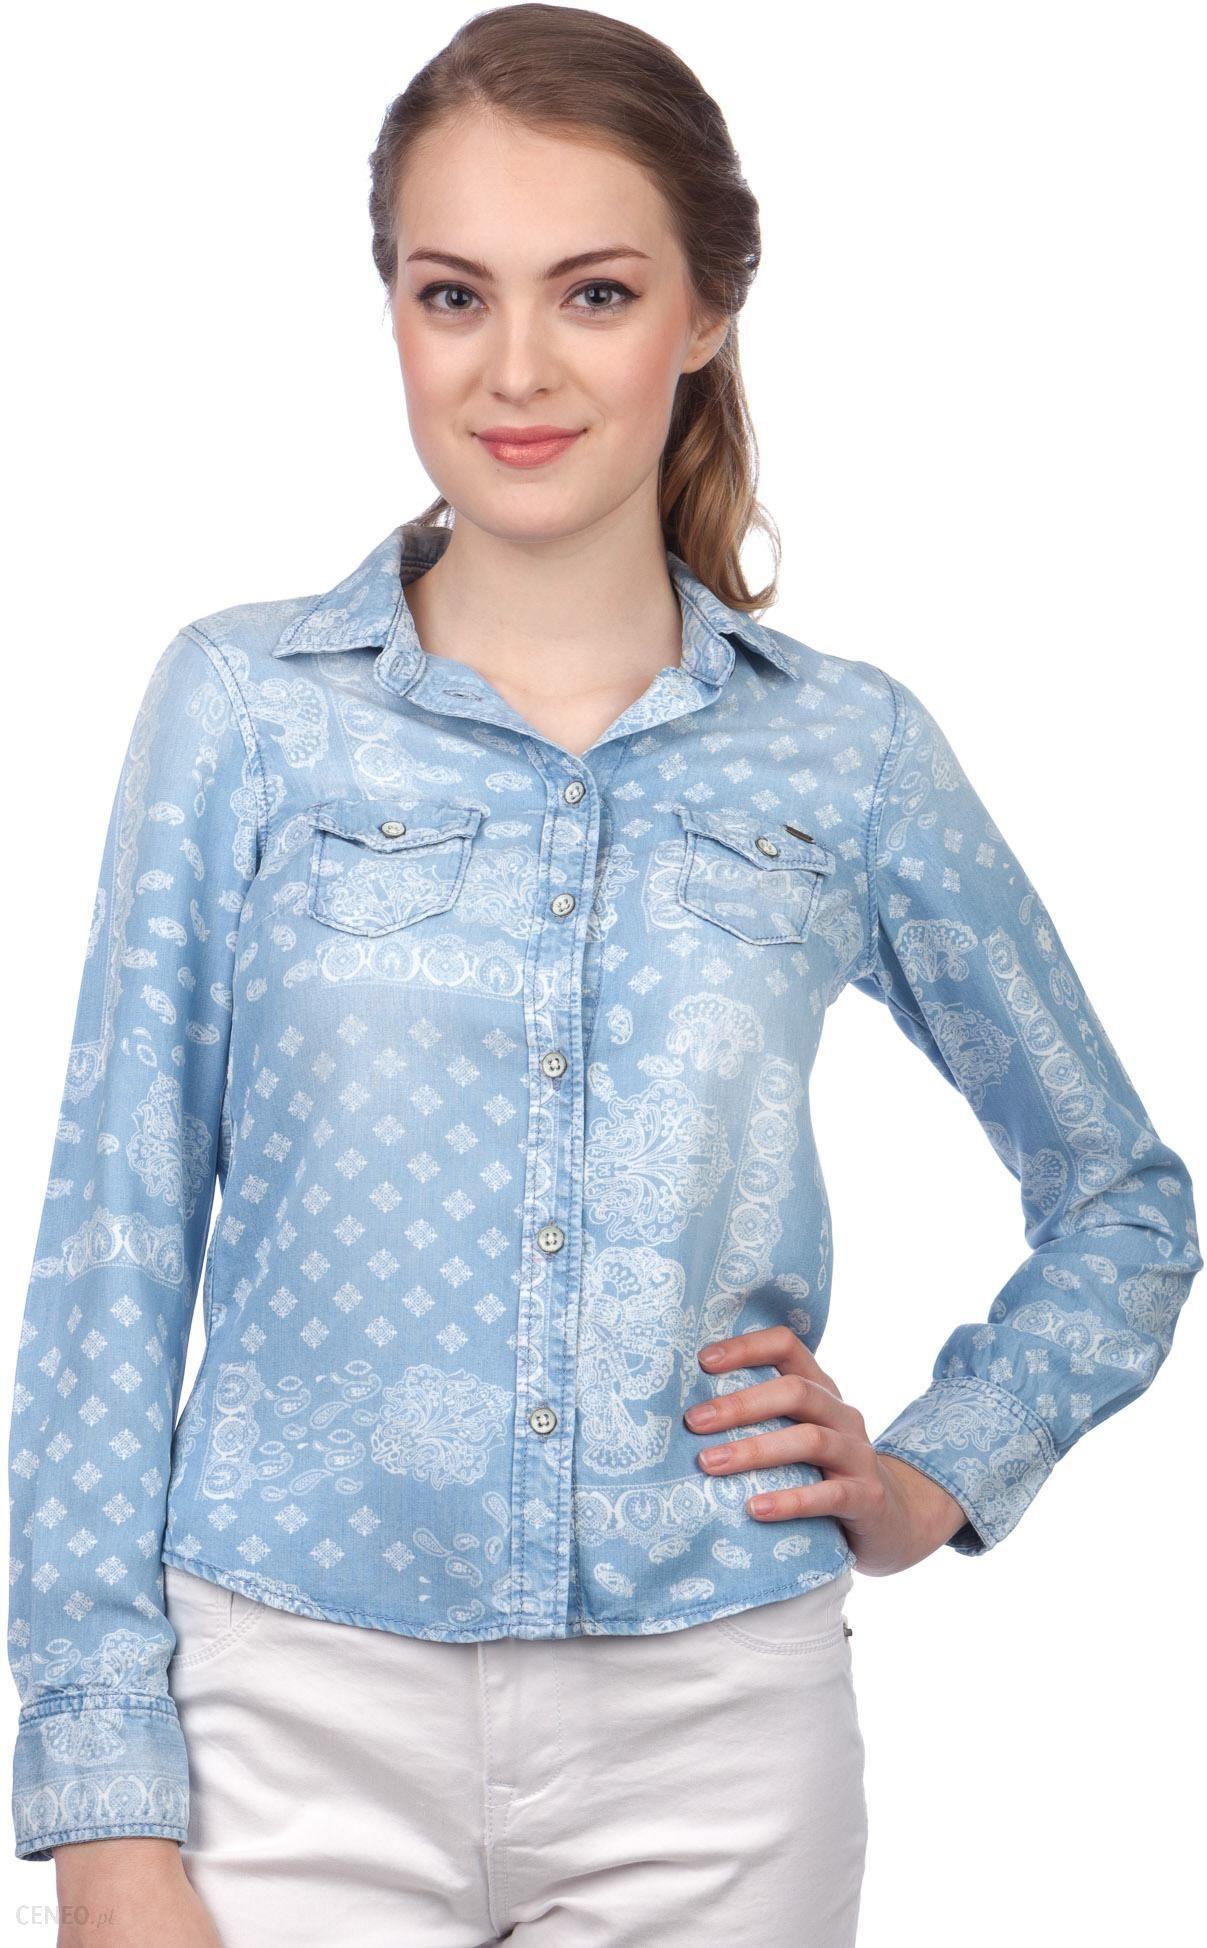 6d9fefcd05bf02 Pepe Jeans koszula damska Freedom S niebieski - Ceny i opinie - Ceneo.pl